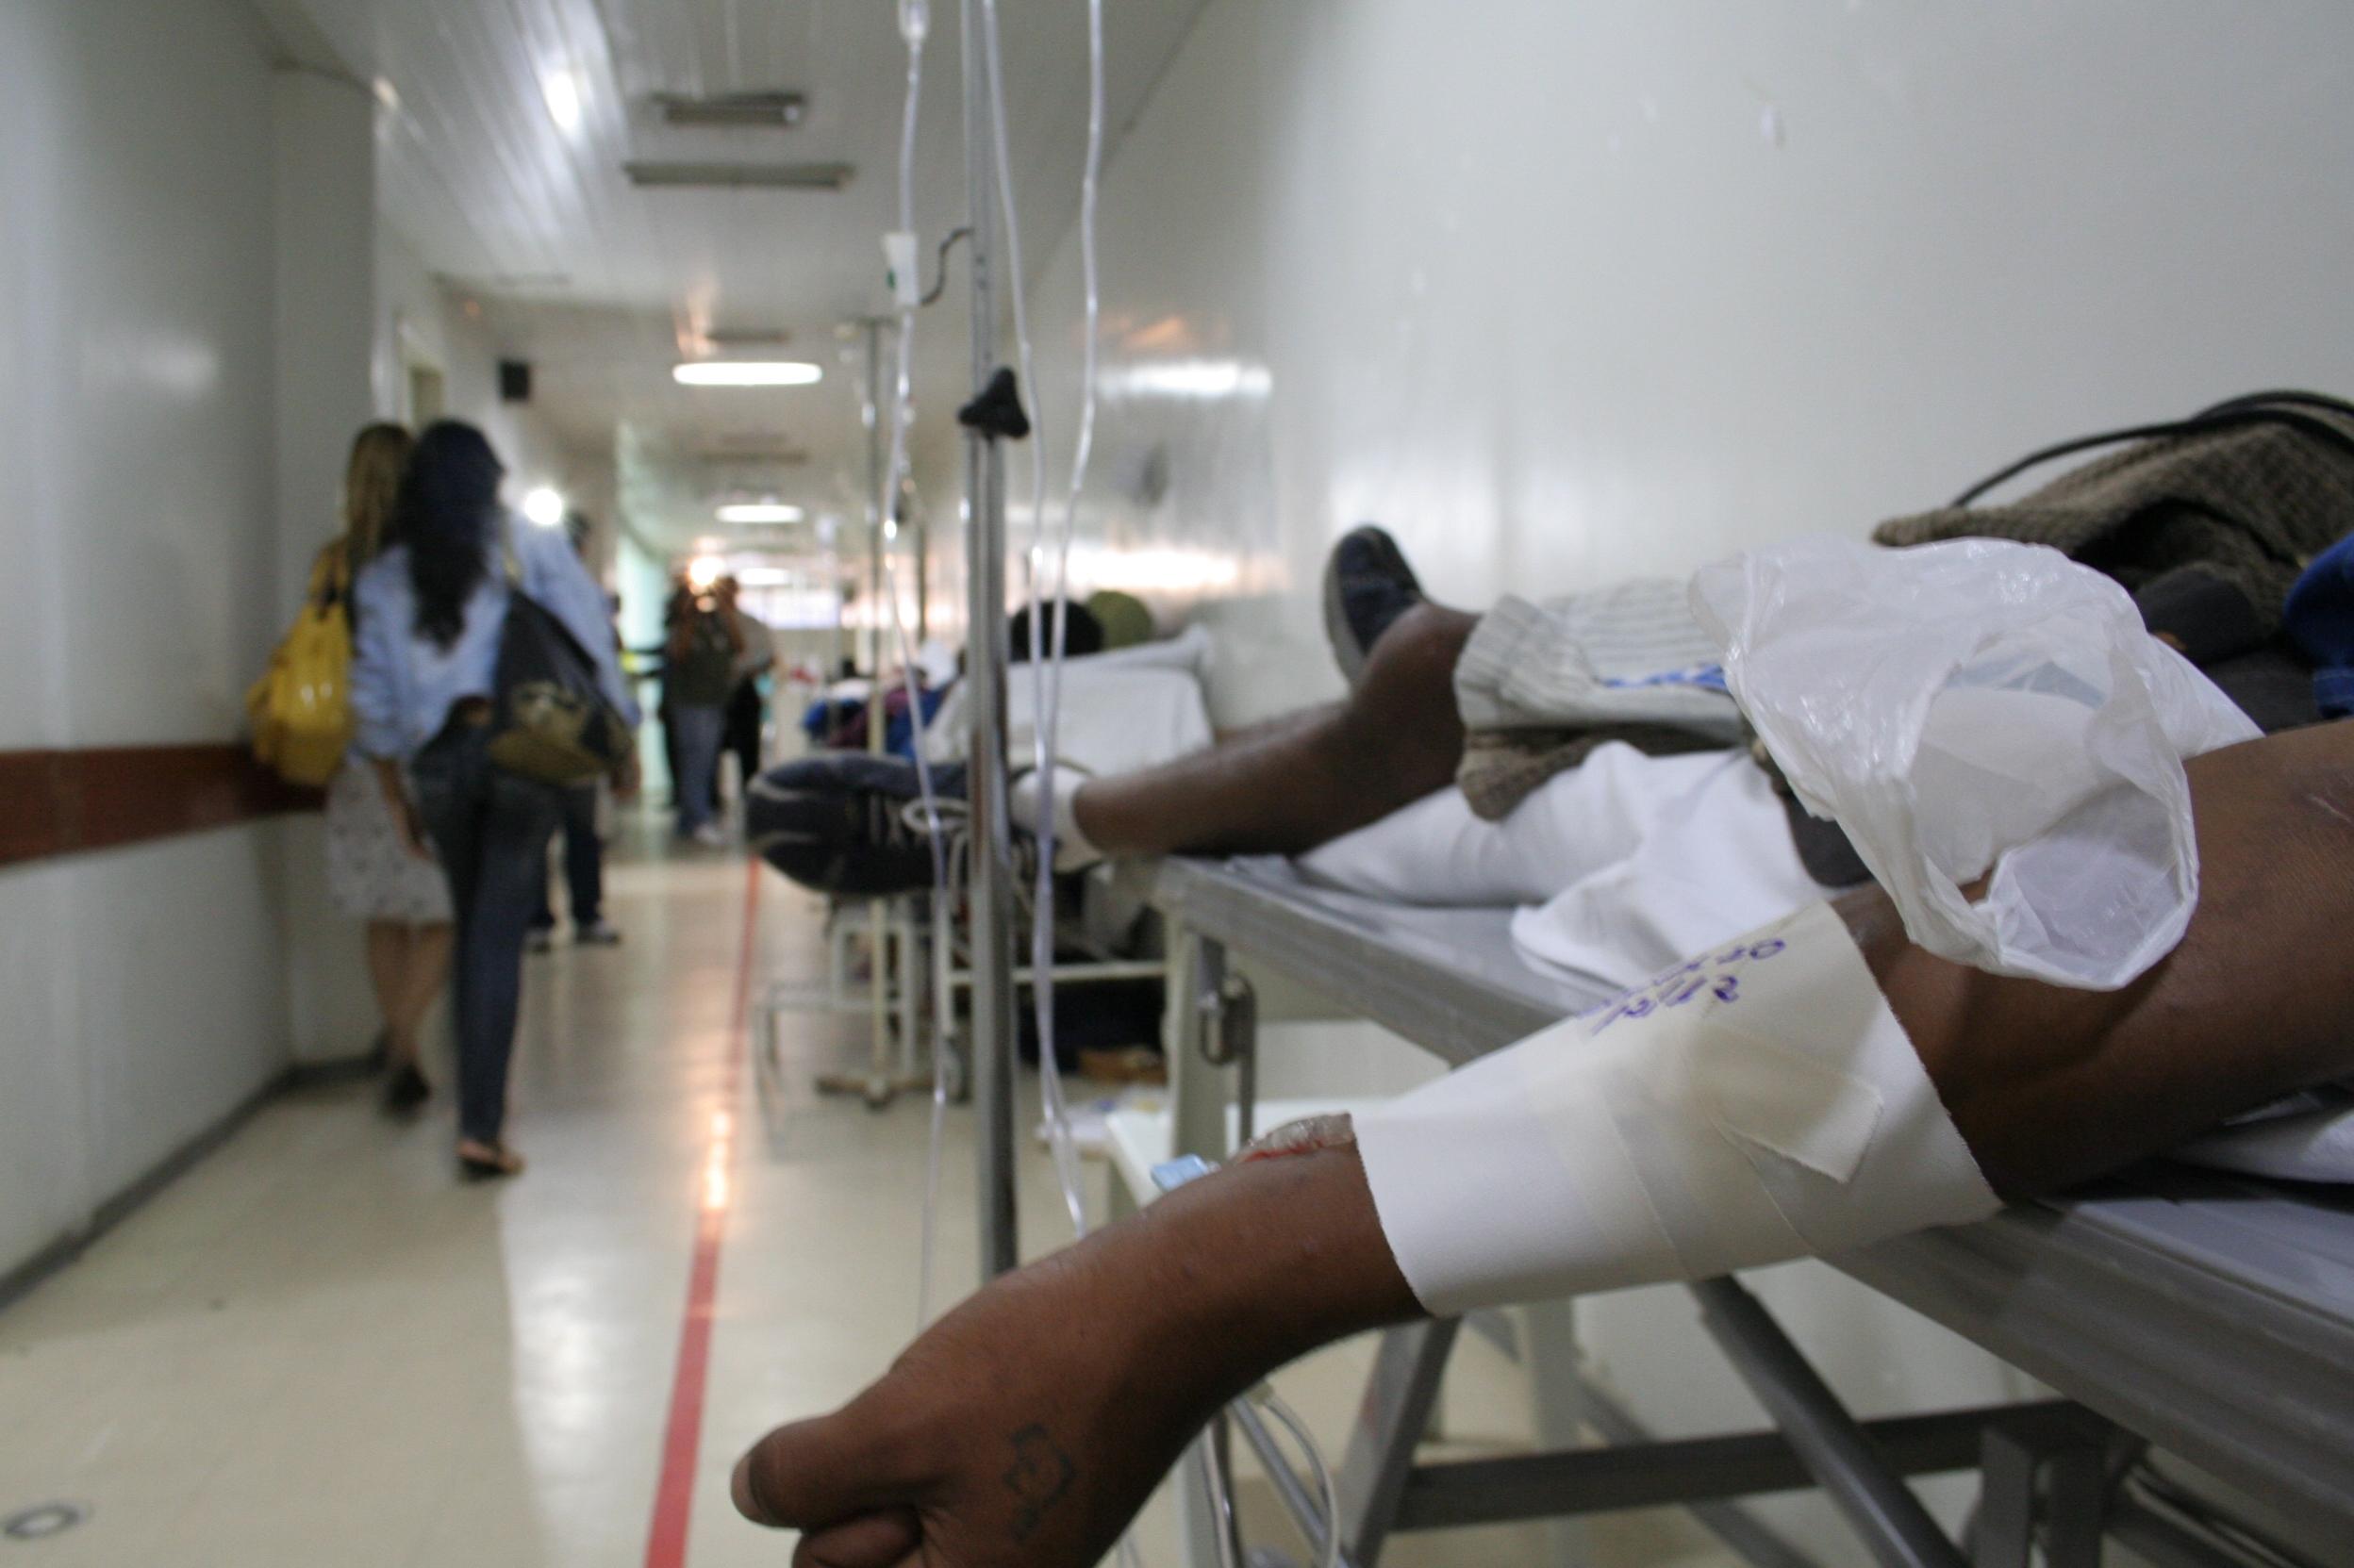 Emergência do hospital Celso Ramos terá duas paralisações por dia - Edu Cavalcanti/Arquivo/ND